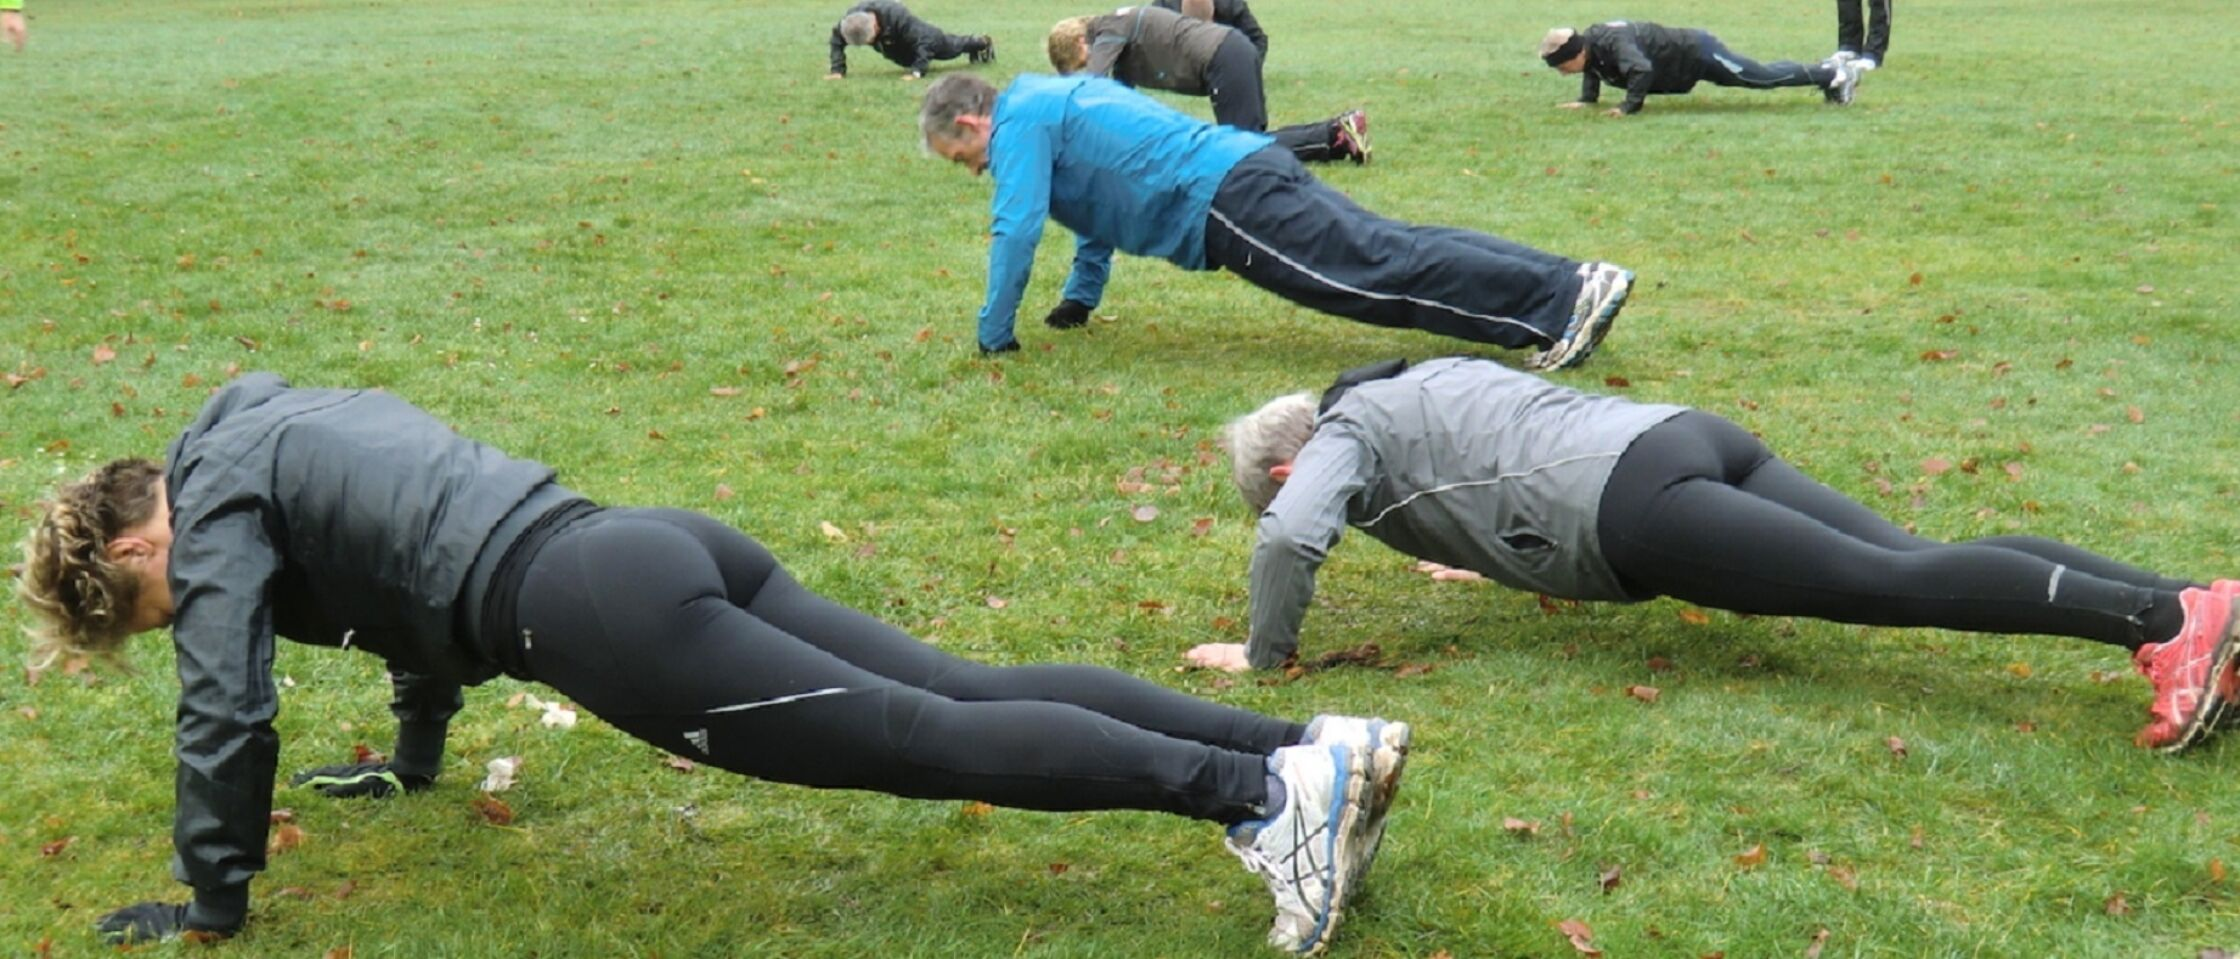 Sterke buikspieren: crunches of planken?